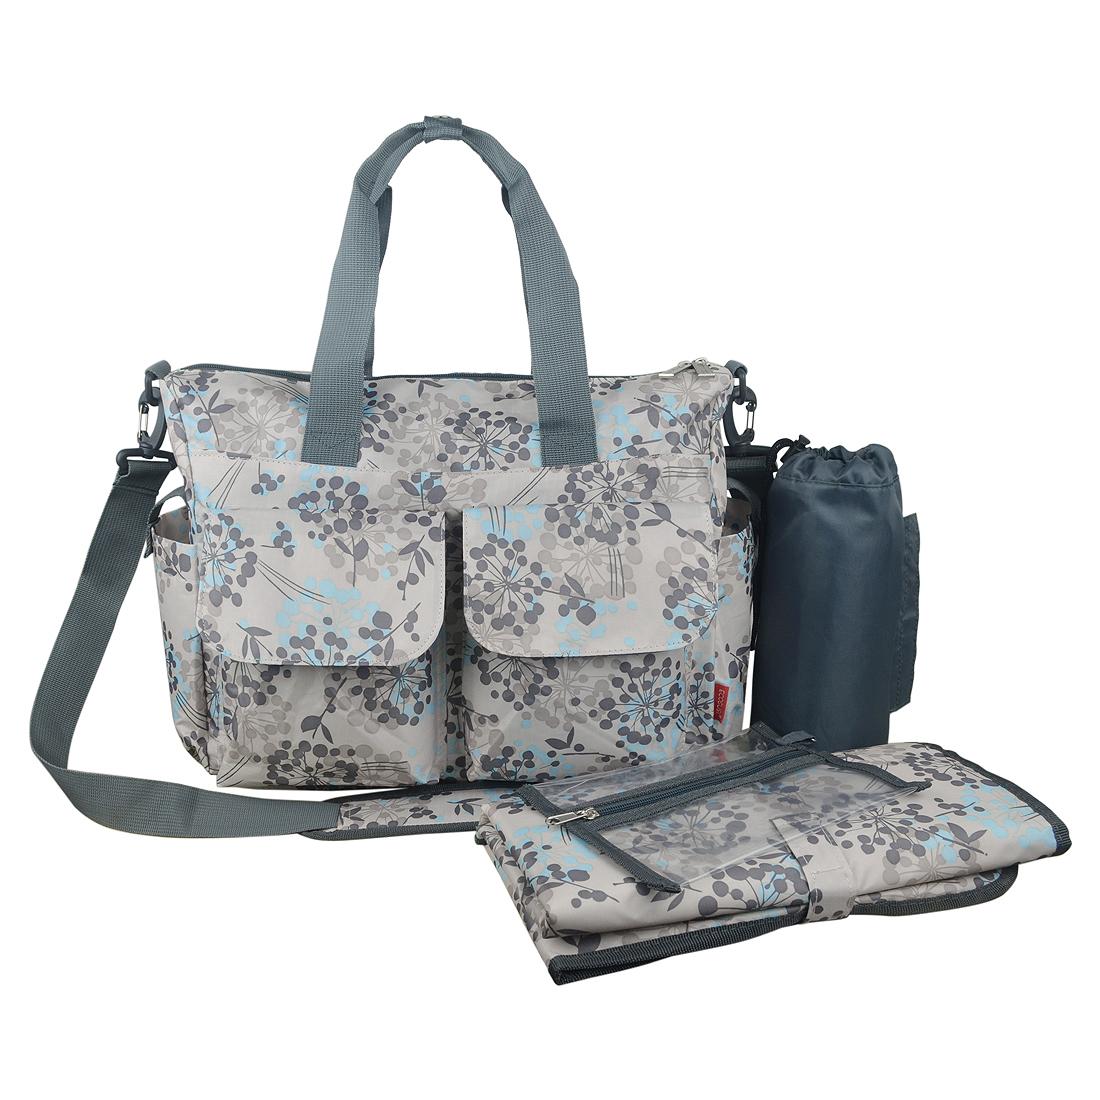 Ecosusi กระเป๋าสัมภาระสำหรับคุณแม่ กระเป๋าใส่ผ้าอ้อม ช่วยคุณแม่จัดระเบียบของให้ลูกน้อย กันน้ำ ช่องเยอะ (ECOSUSI Large Diaper Tote Baby Mummy Bag)